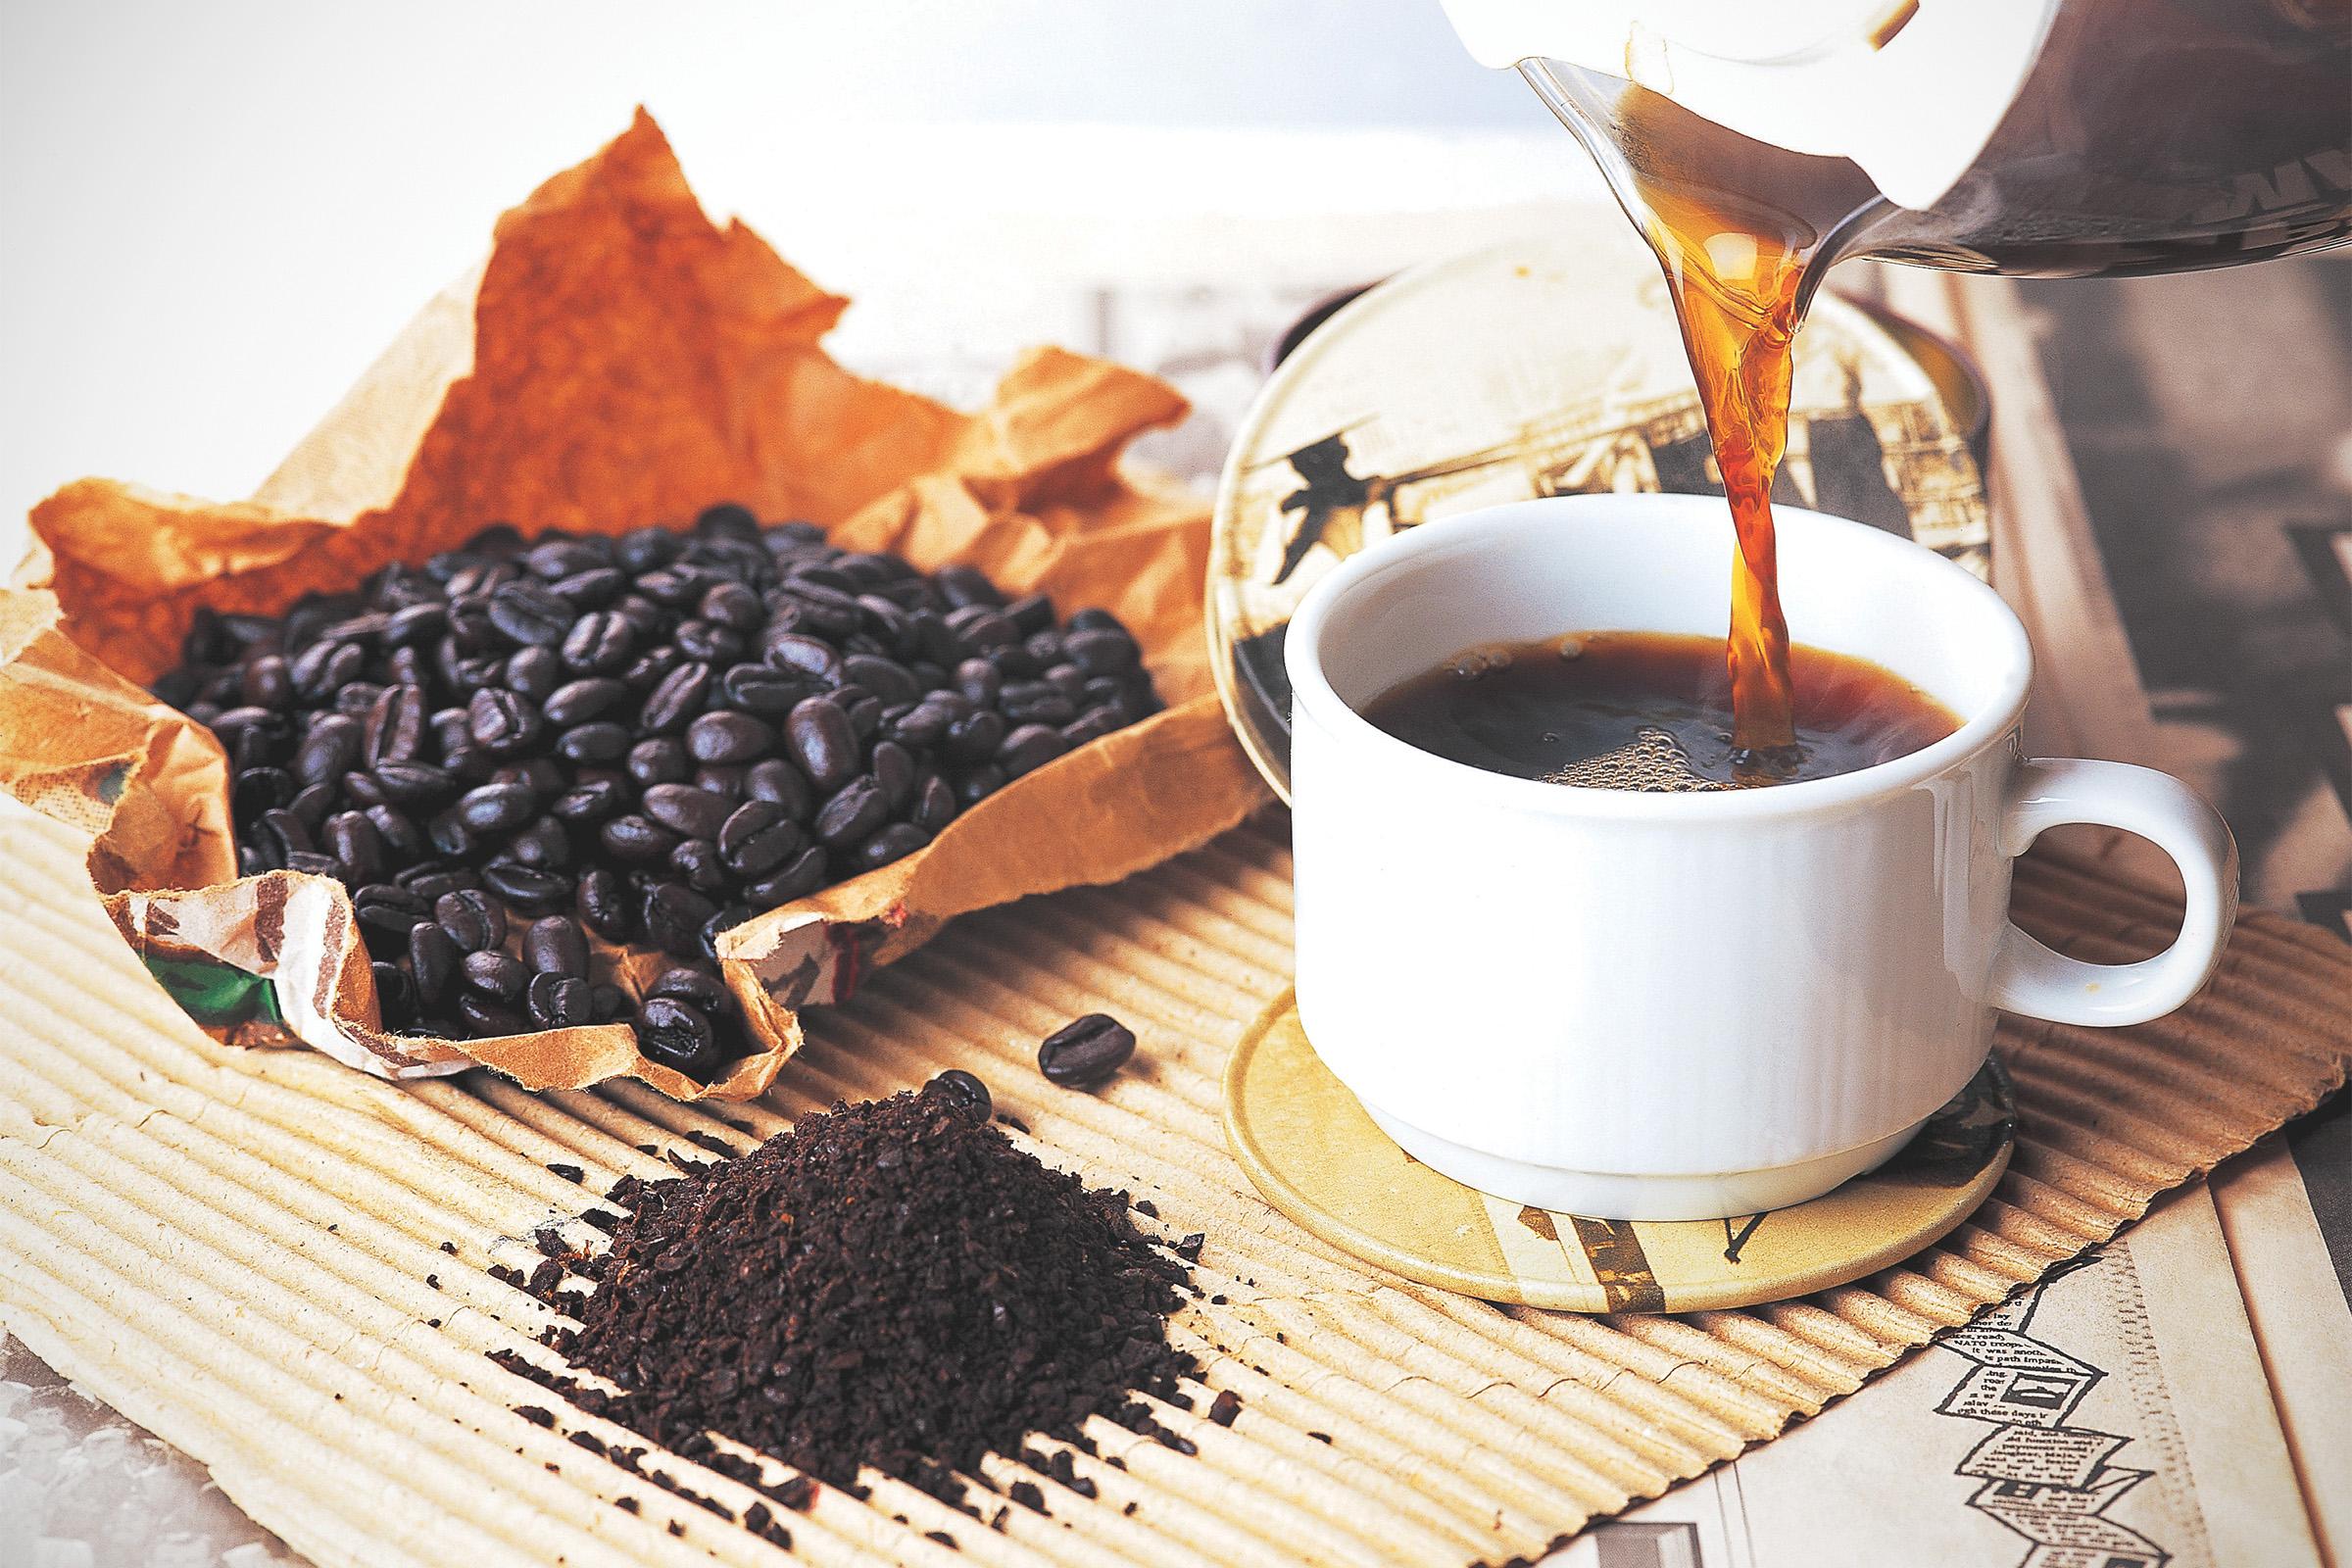 segít a kávé a fogyásban?)